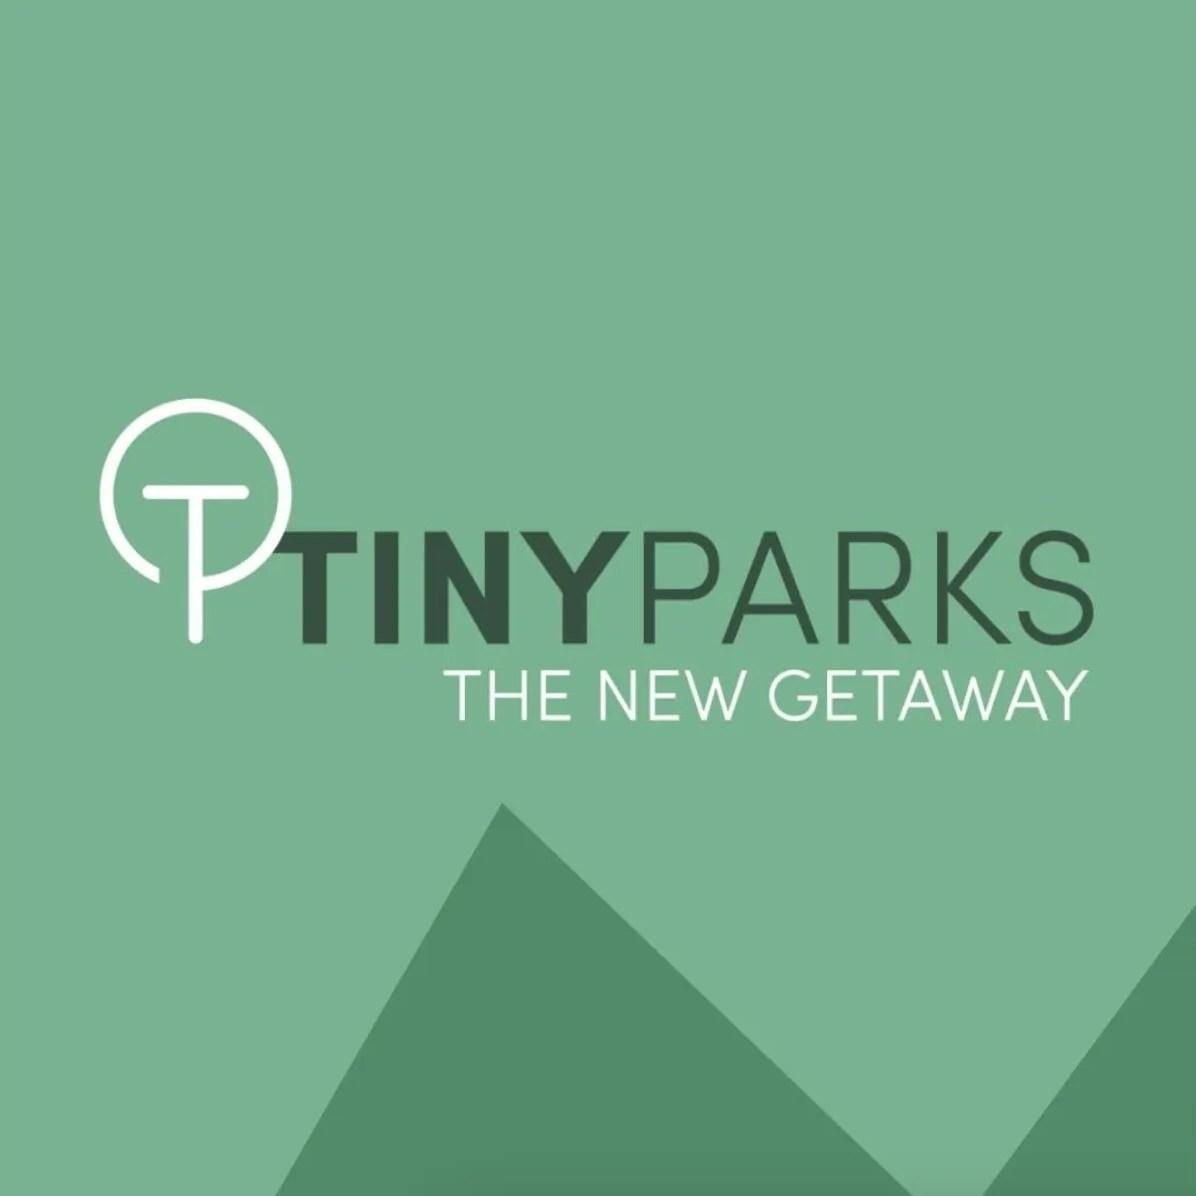 Tiny Parks logo